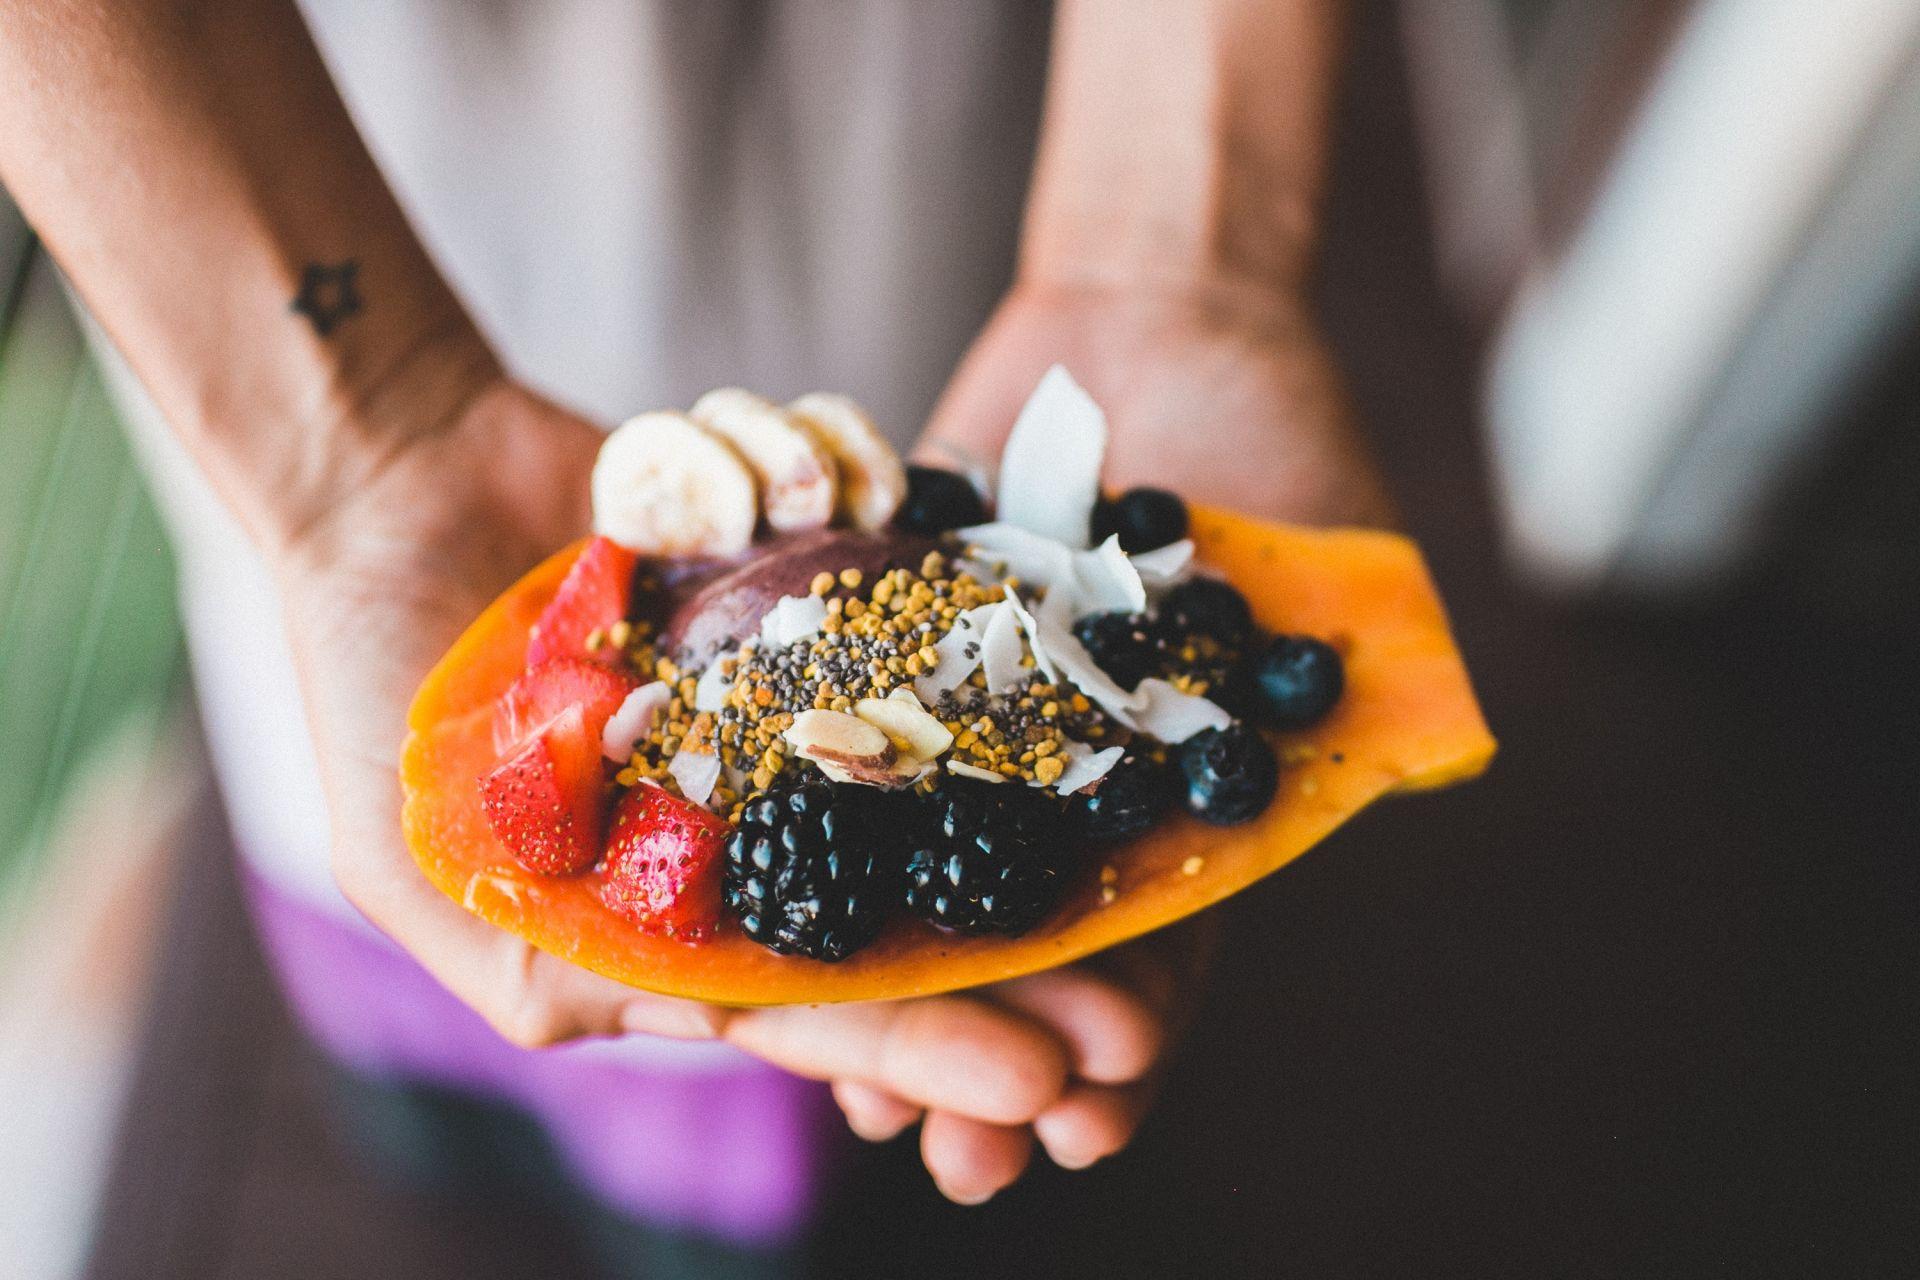 Algunas cosas que deberías saber si eres alérgico: El cacahuete es una legumbre y el coco un fruto seco